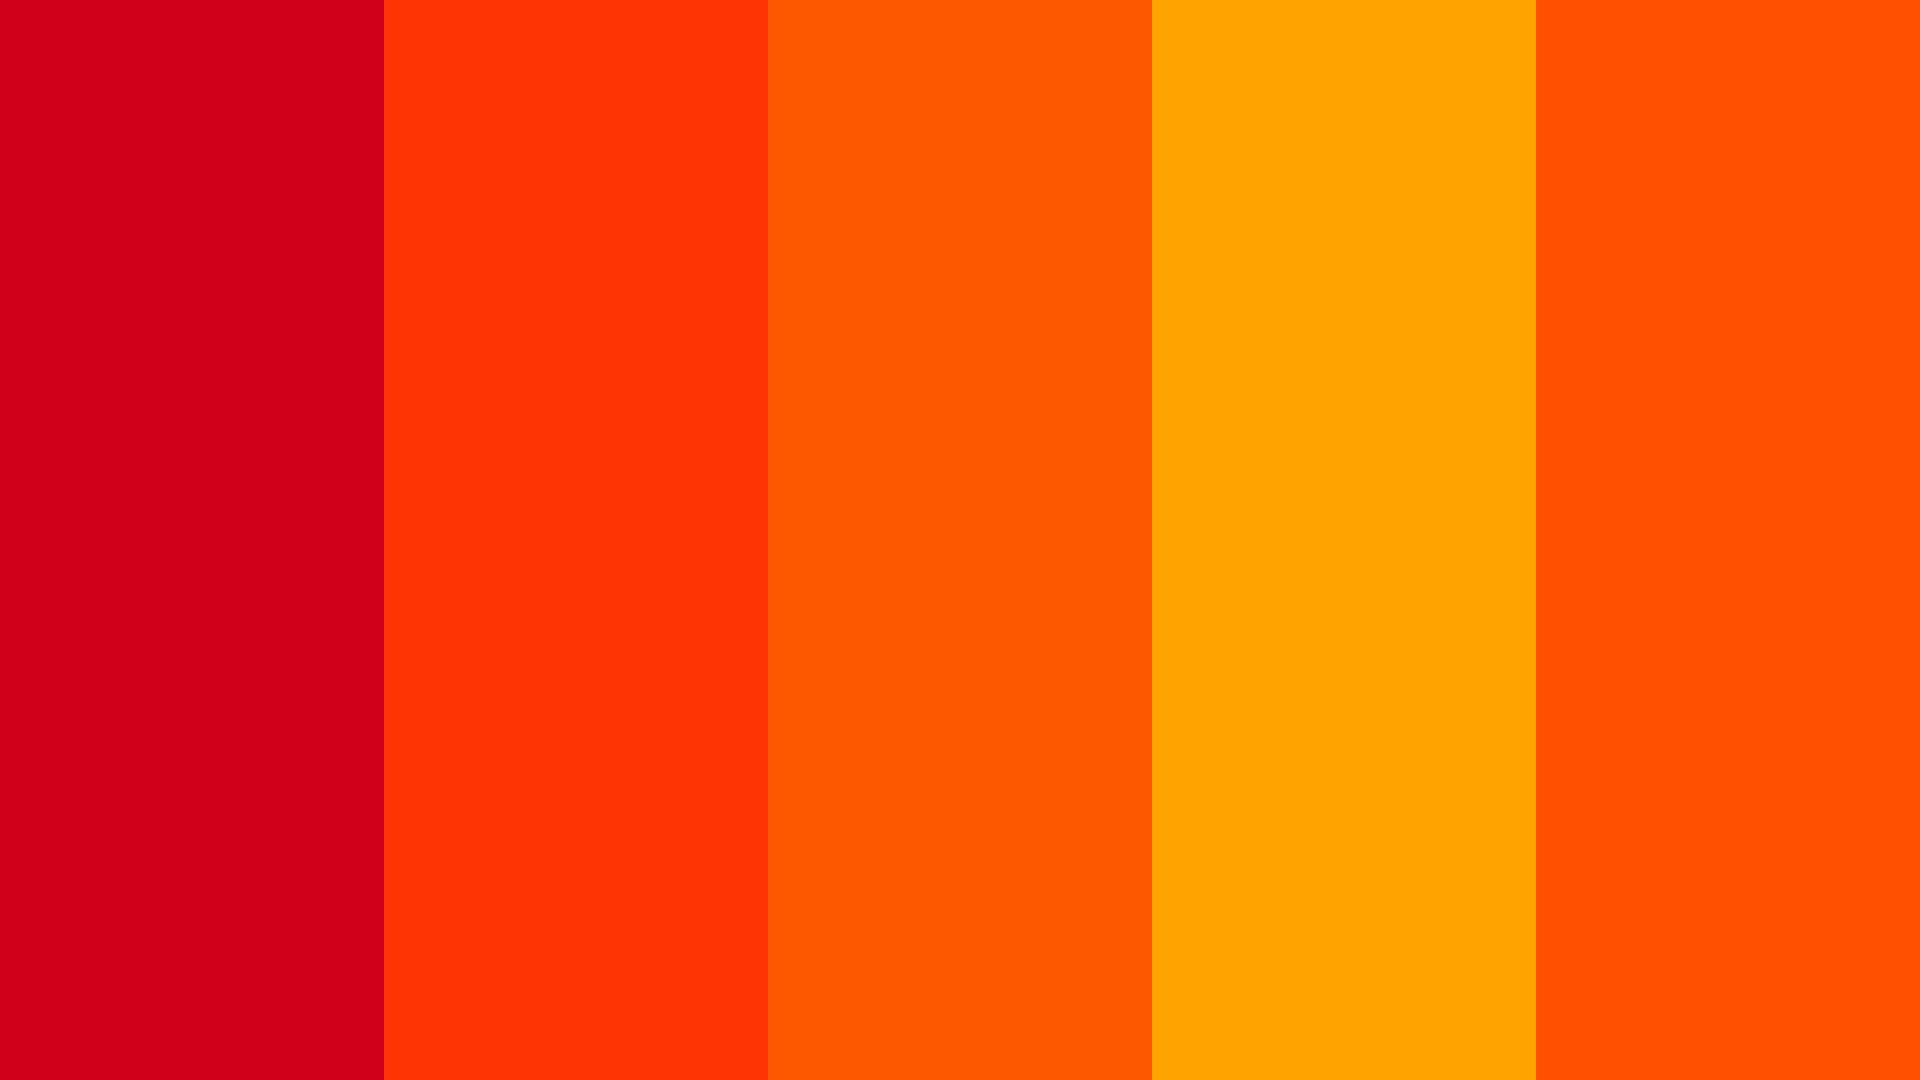 Psicología del color naranja, detalles.